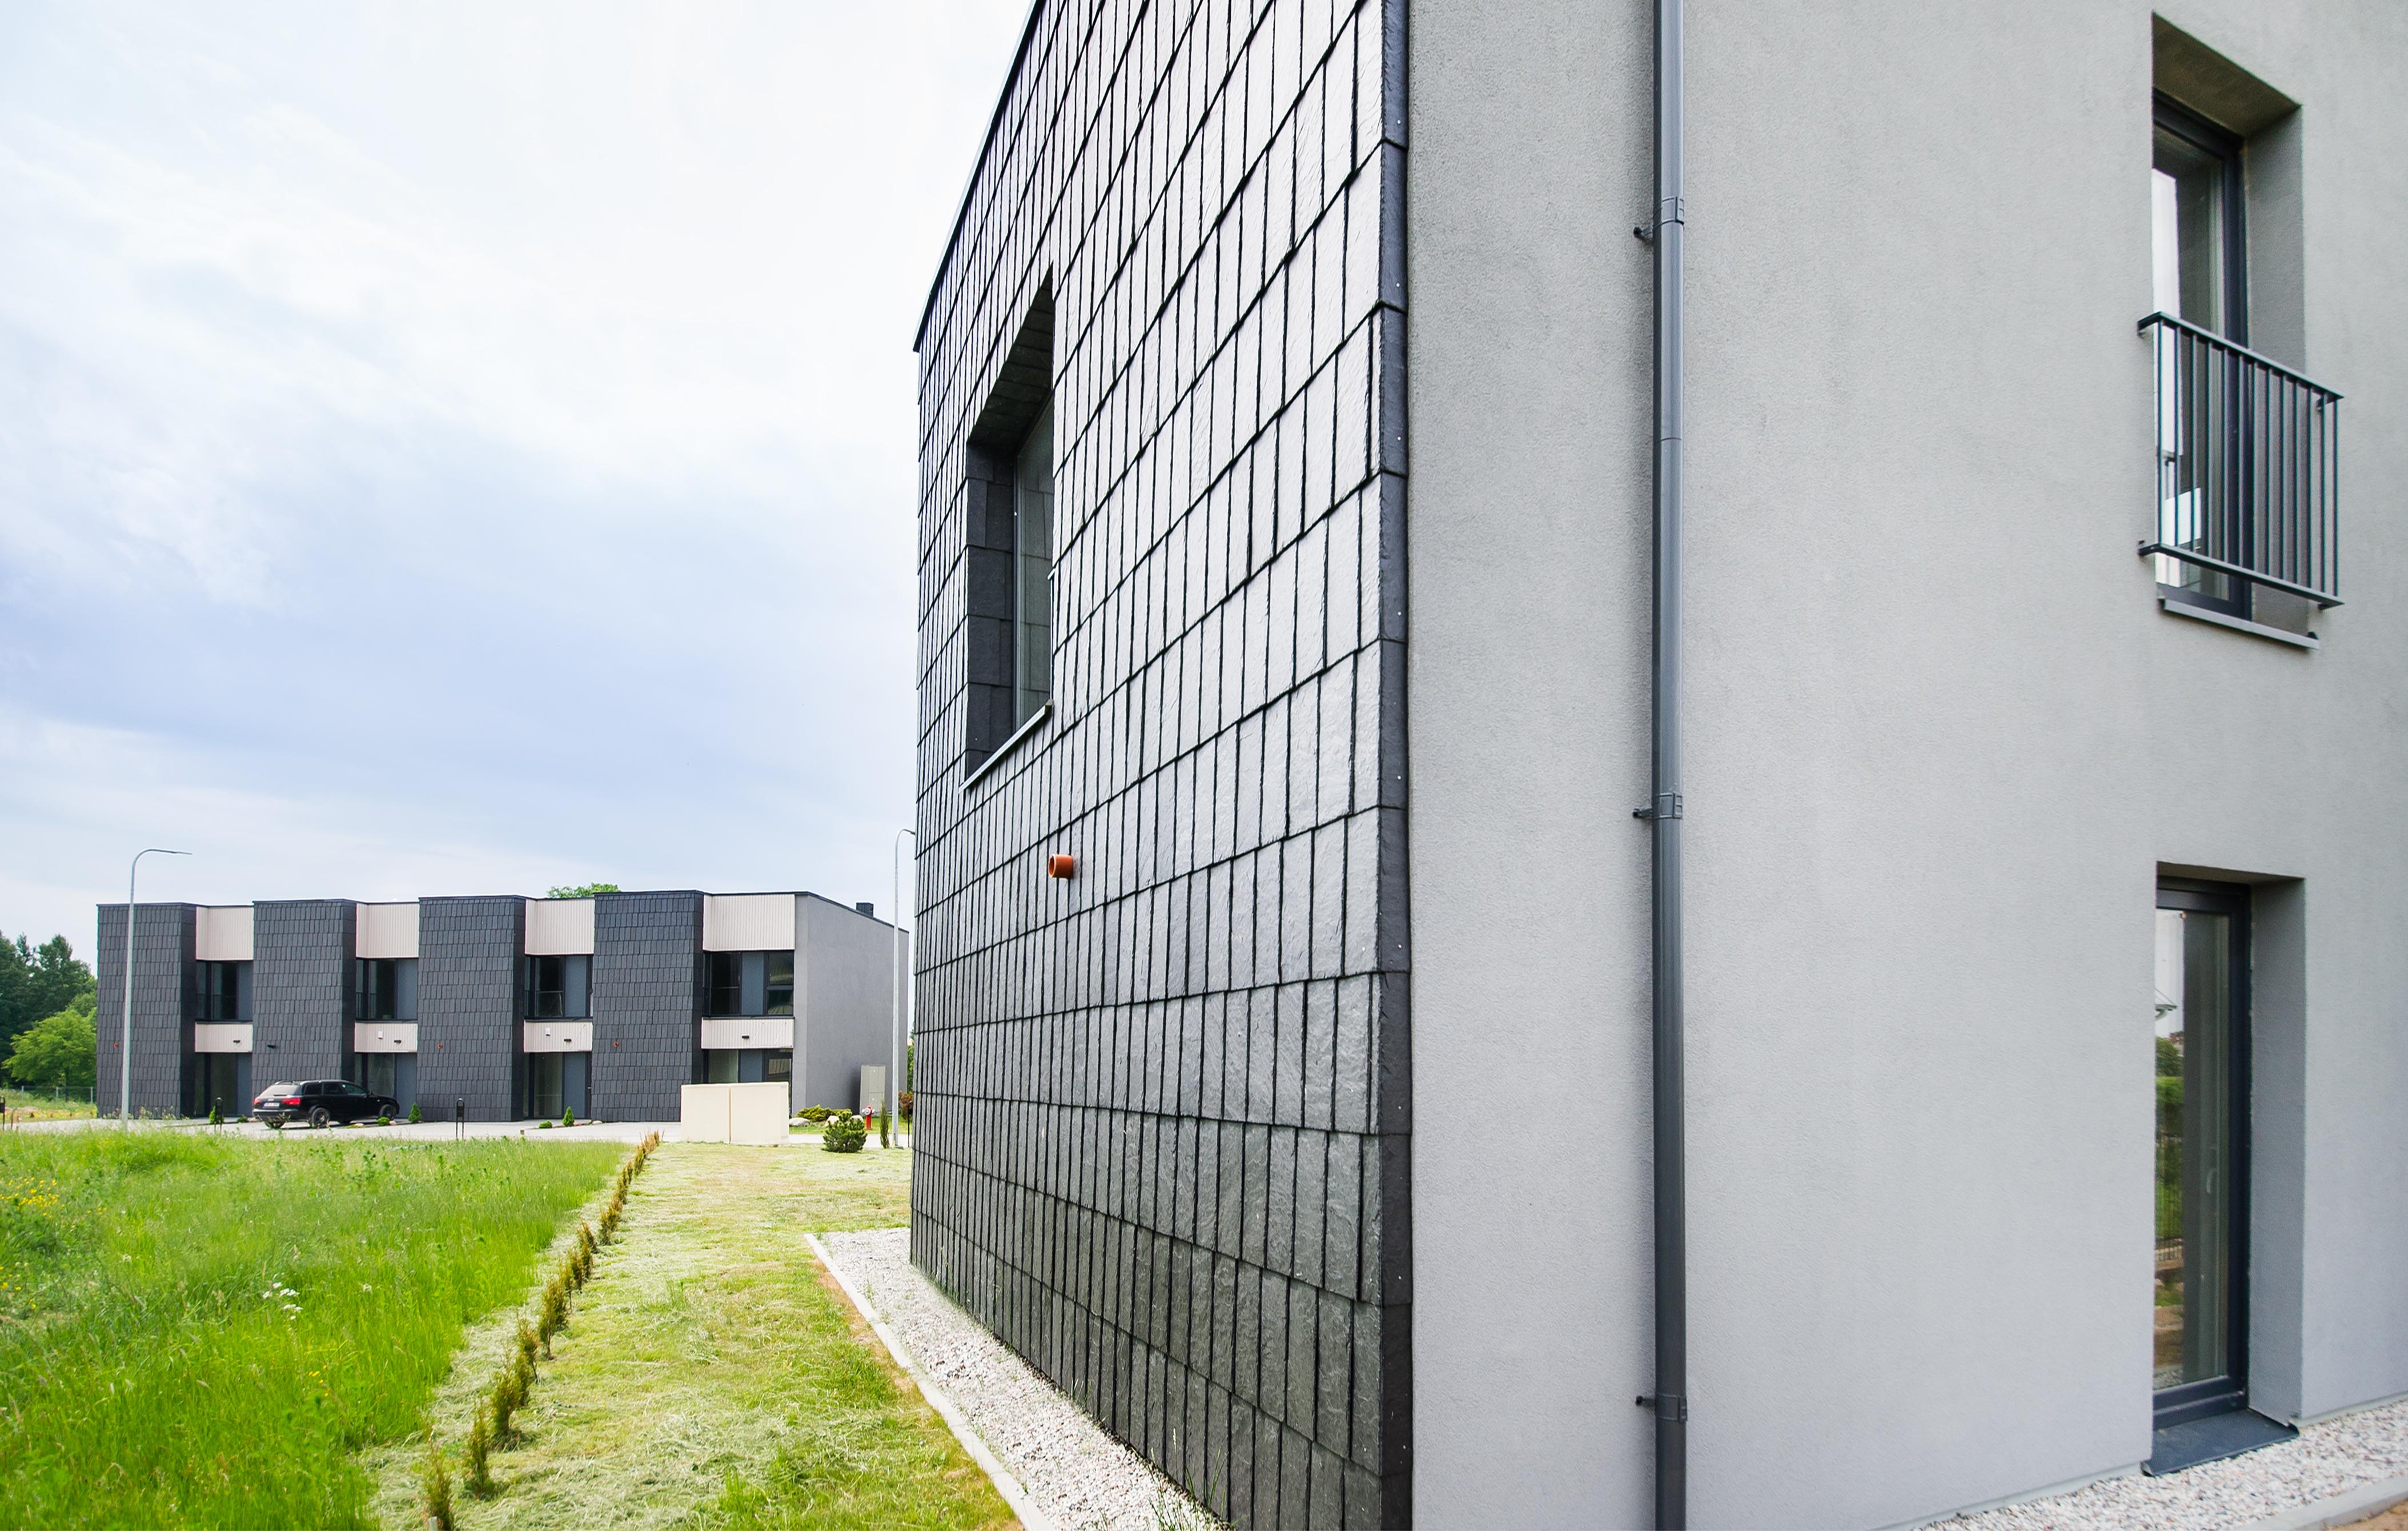 Blokuotų gyvenamųjų namų Teresiečių g. 21, Kretingos m. 8 Kotedžų kvartalas